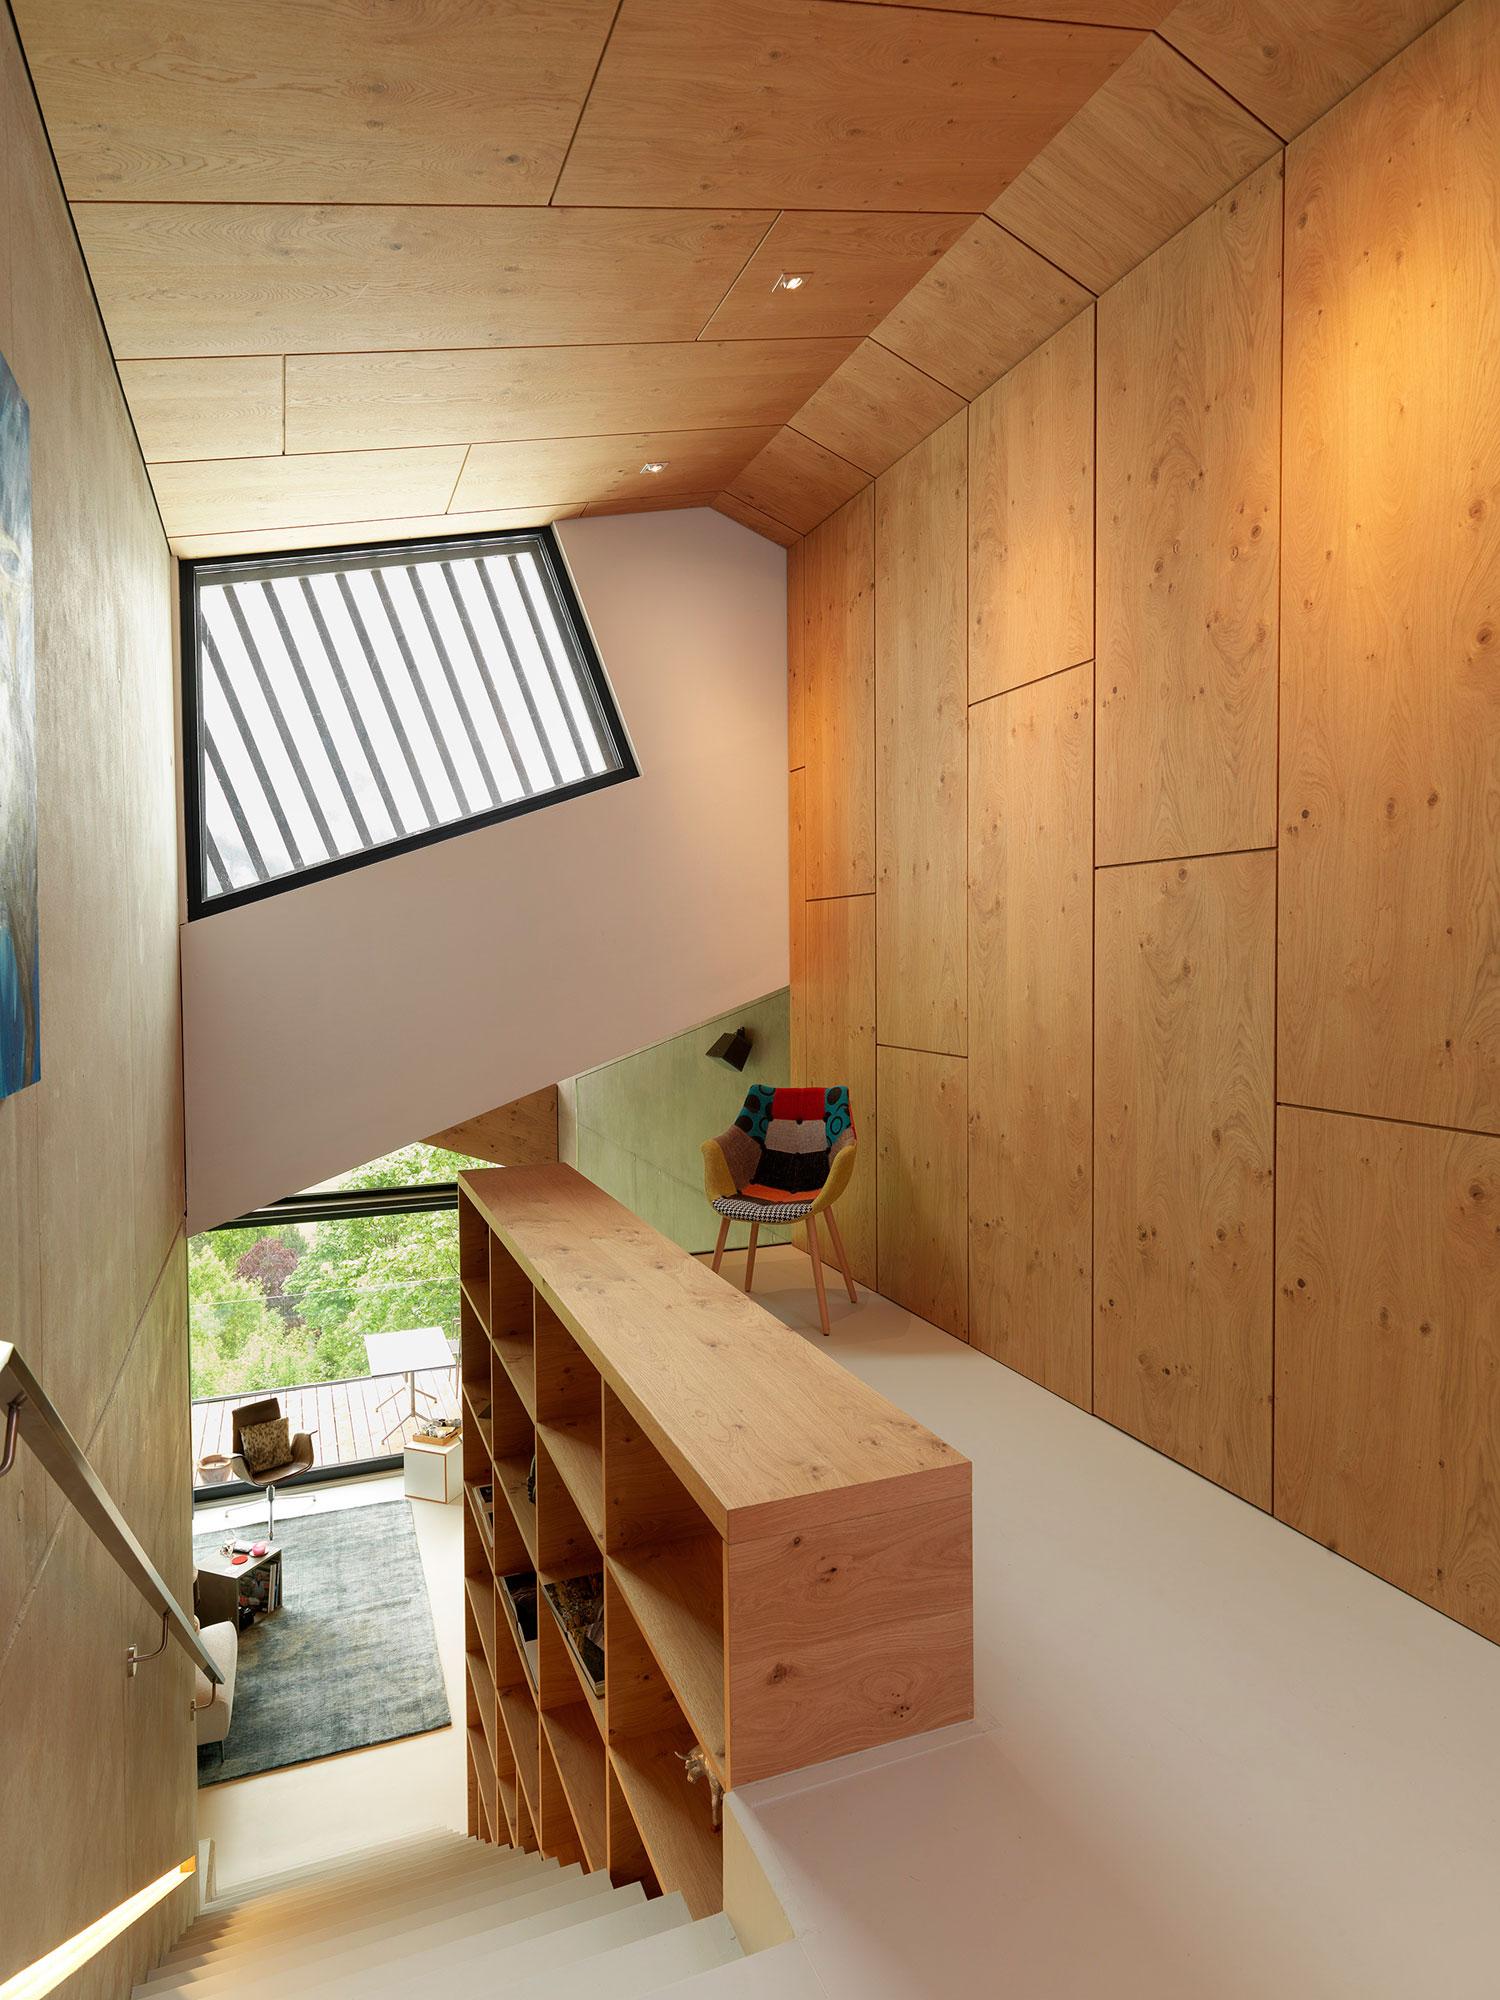 Kitzbuehel Mountain View House by SoNo arhitekti-10